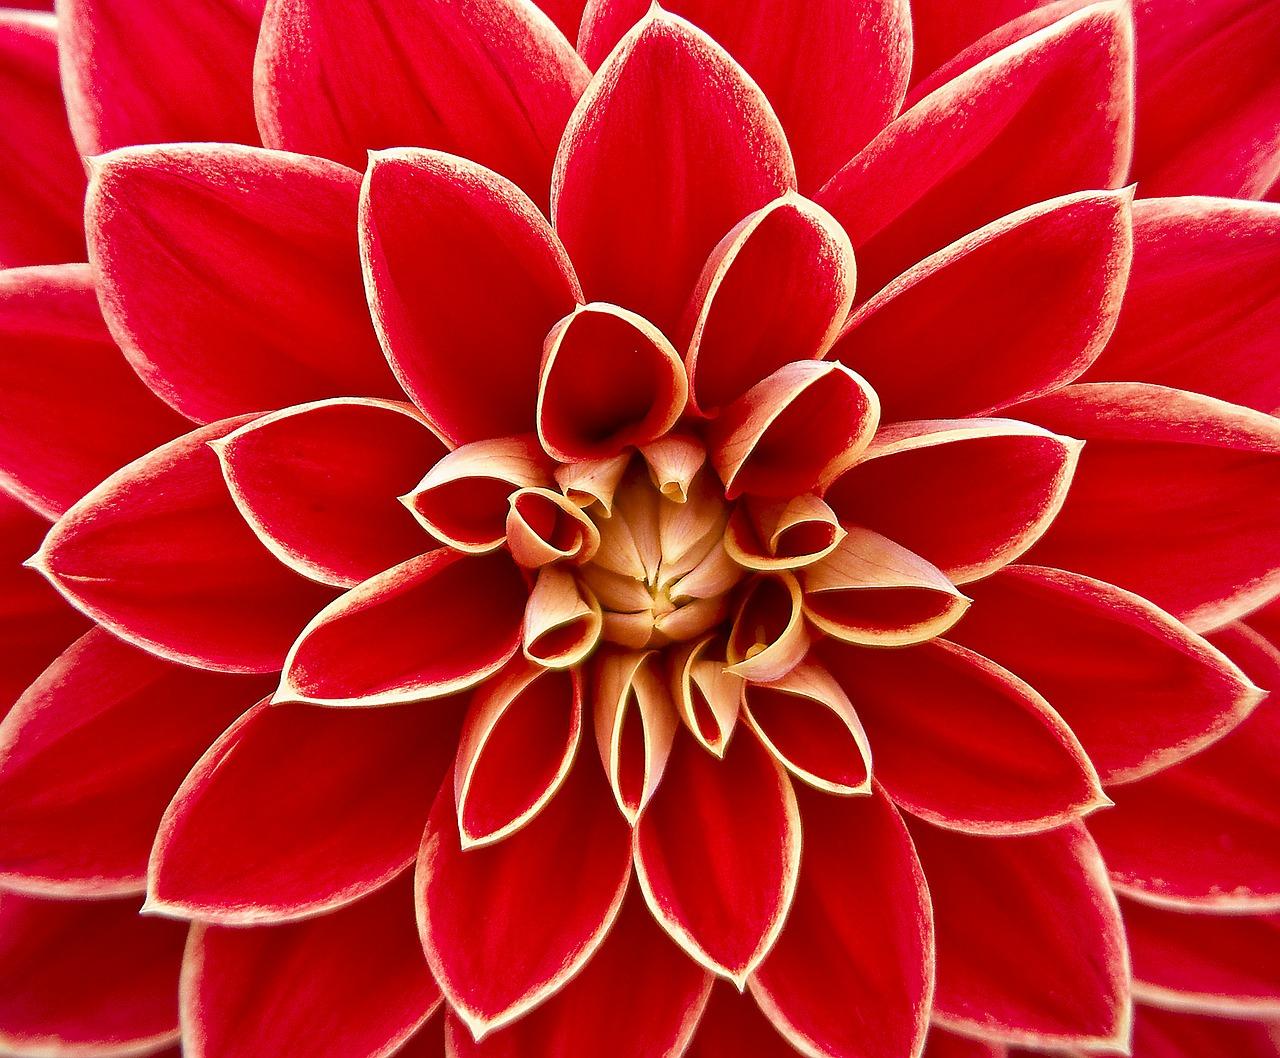 Dahlia_Flower